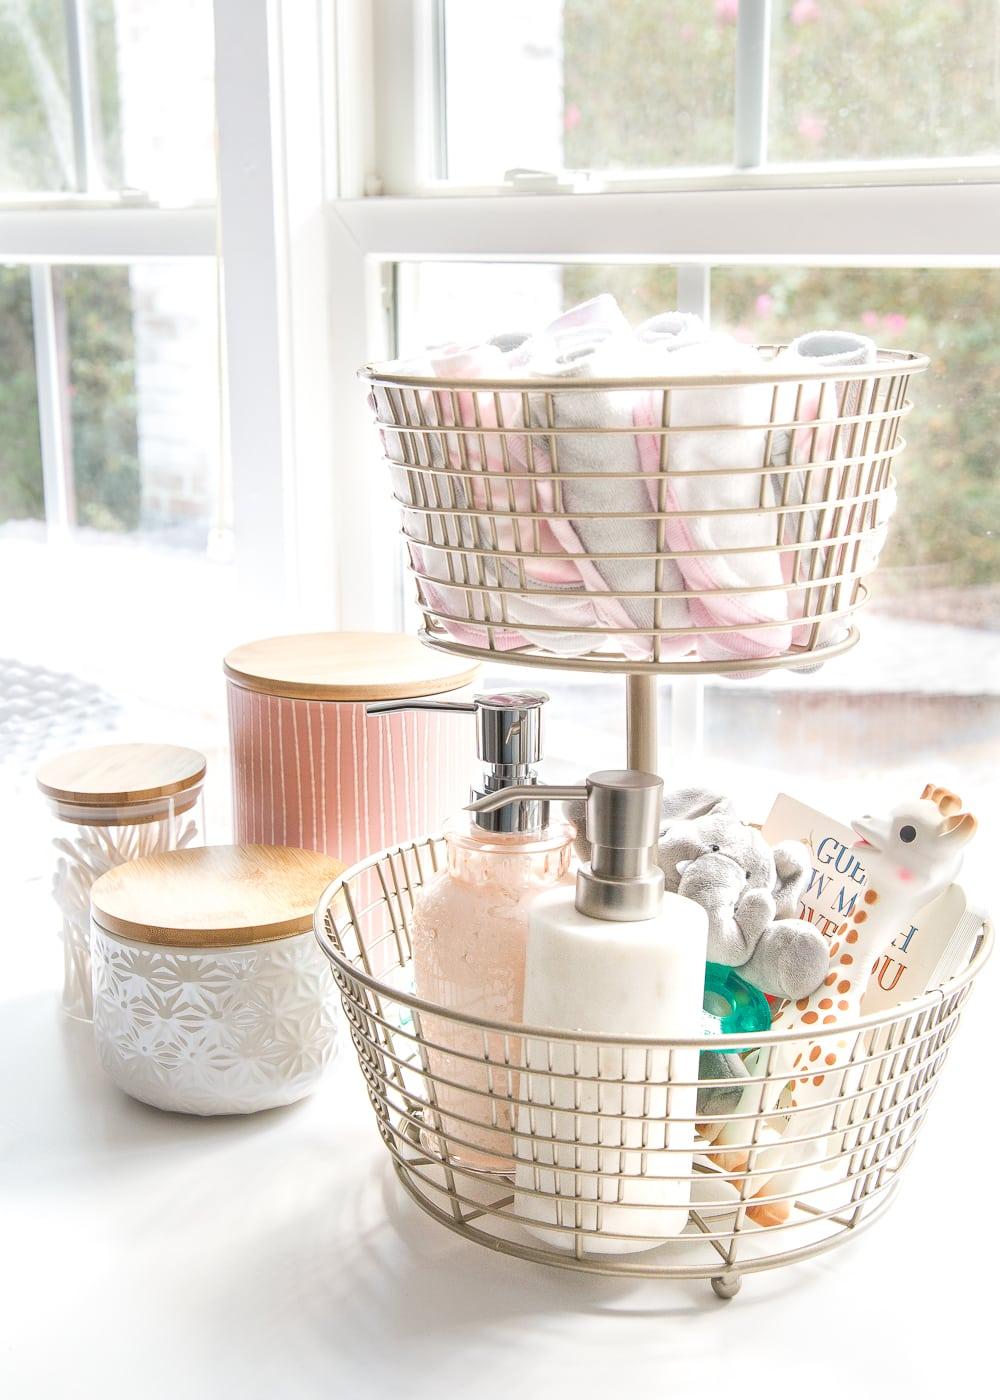 nursery organization ideas tiered baskets for storage